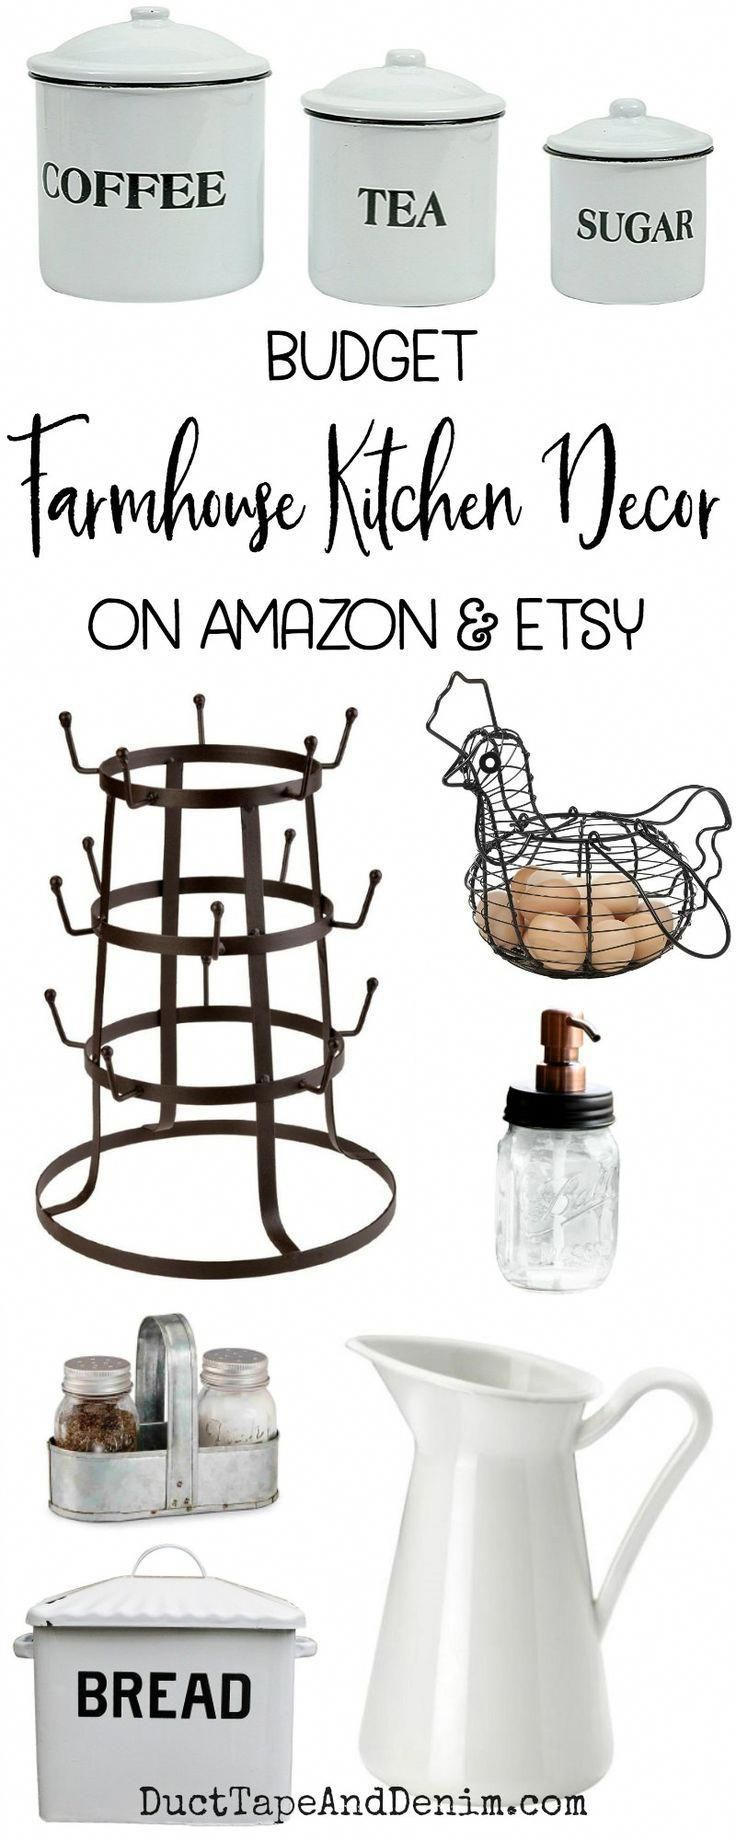 Farmhouse Kitchen Decor on a Budget from Amazon & Etsy #farmhousekitchendecor